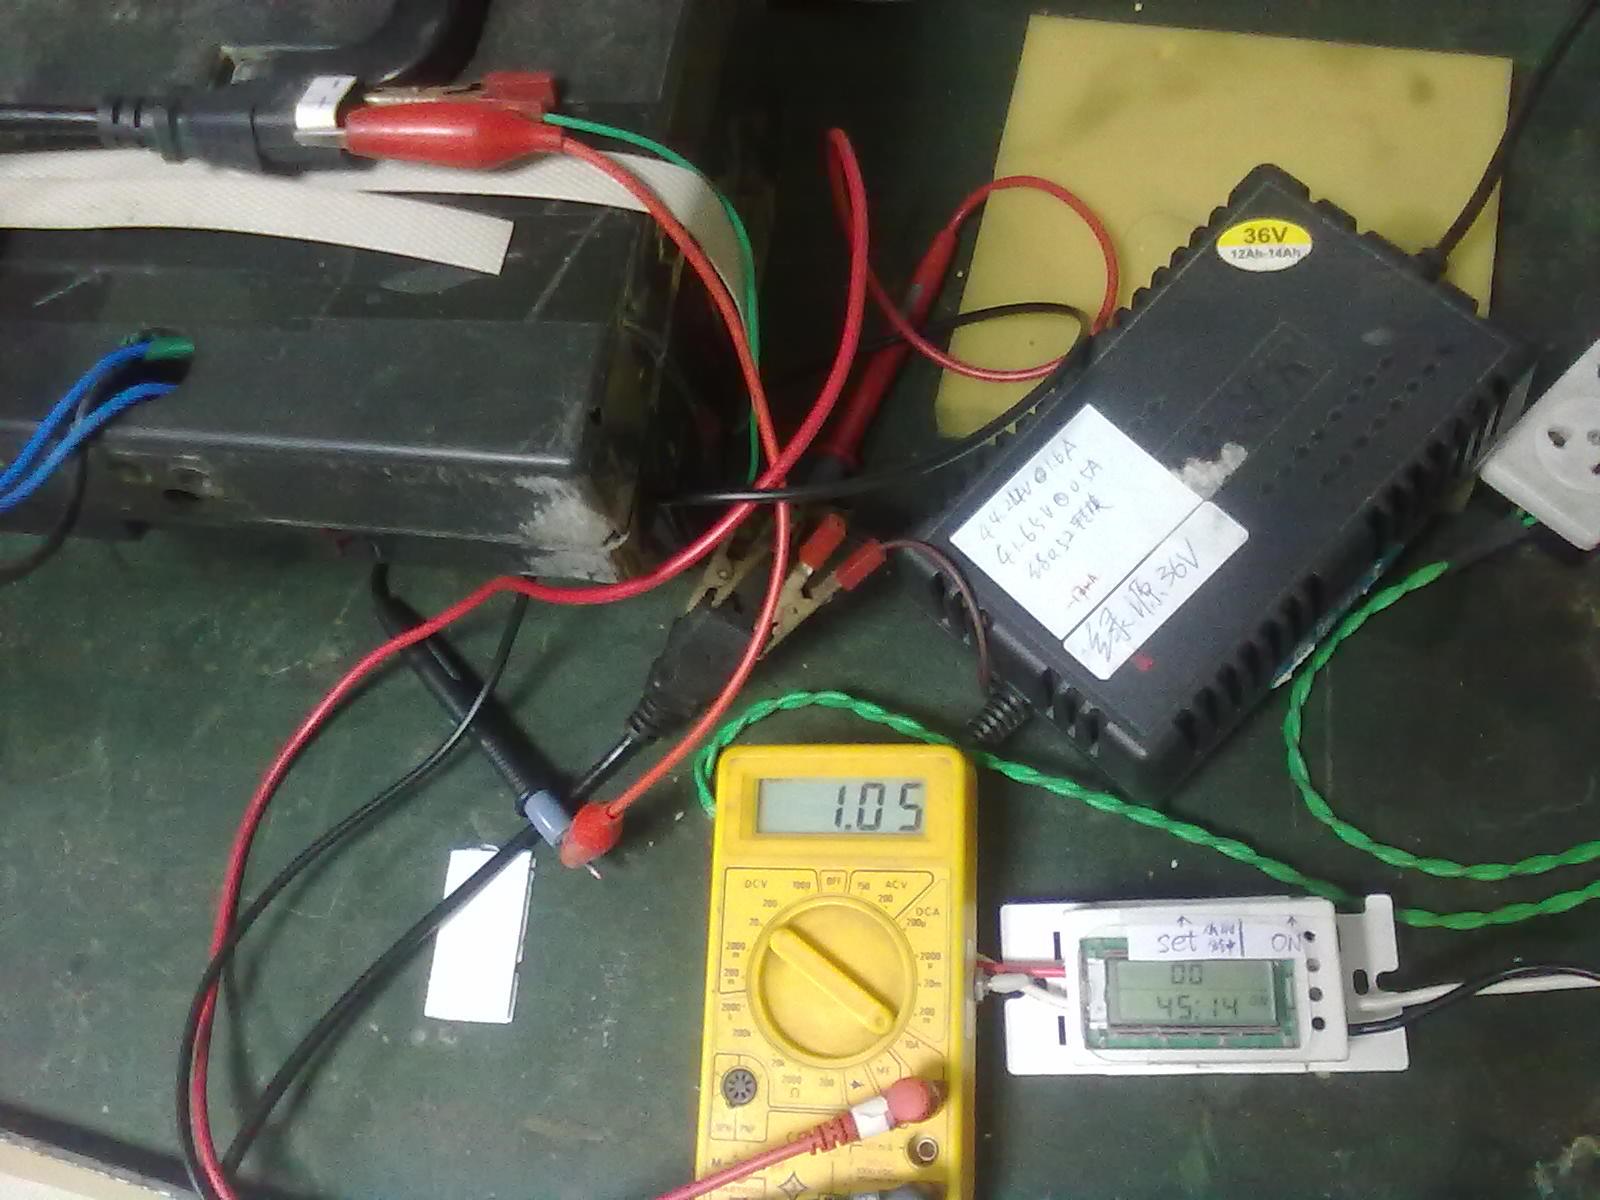 西普尔电动车充电器充电不转灯